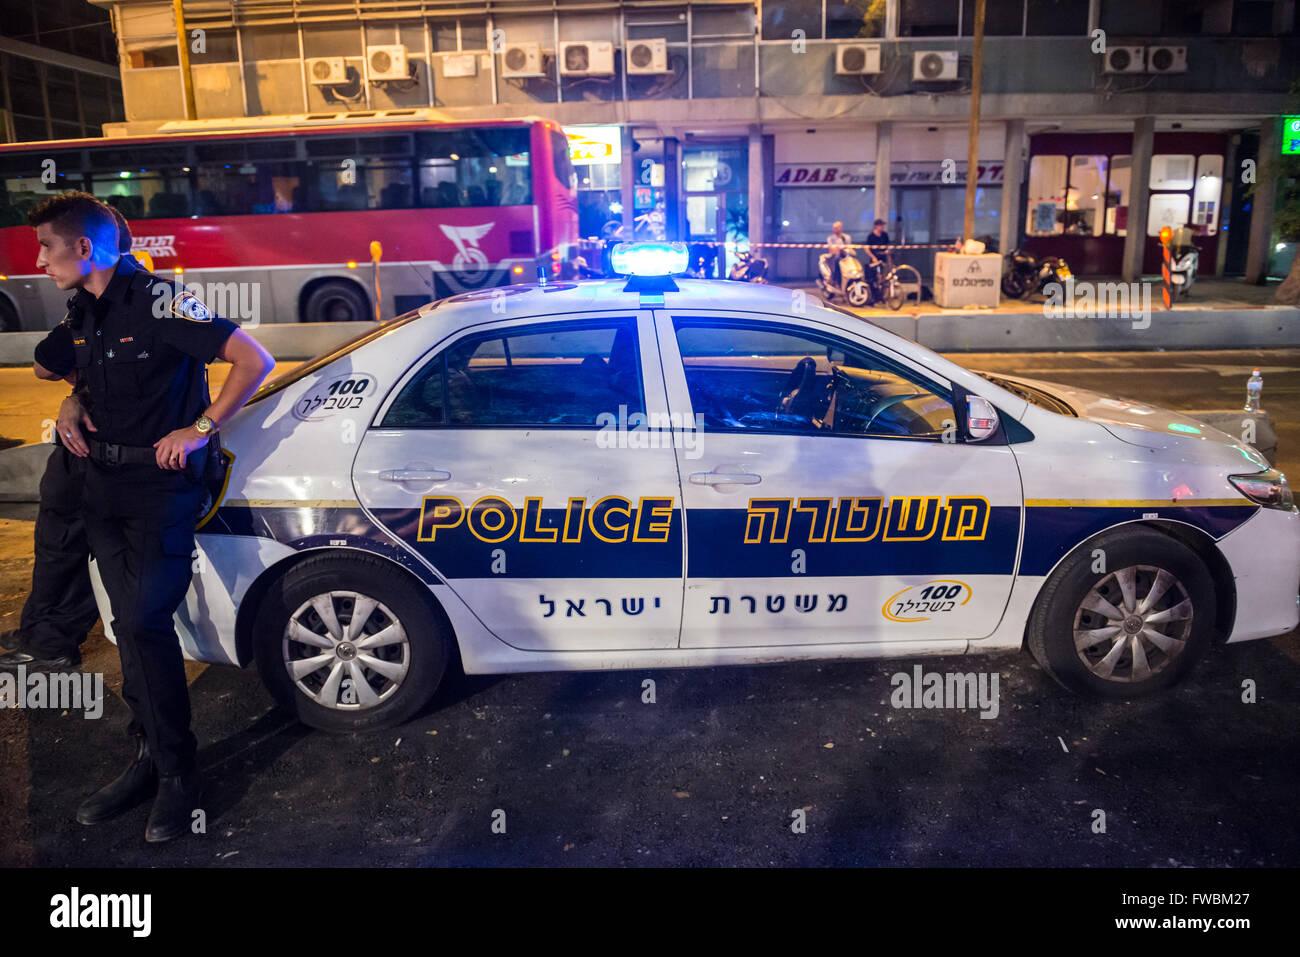 נפלאות Kia police car in Tel Aviv city, Israel Stock Photo: 101675455 - Alamy HH-39